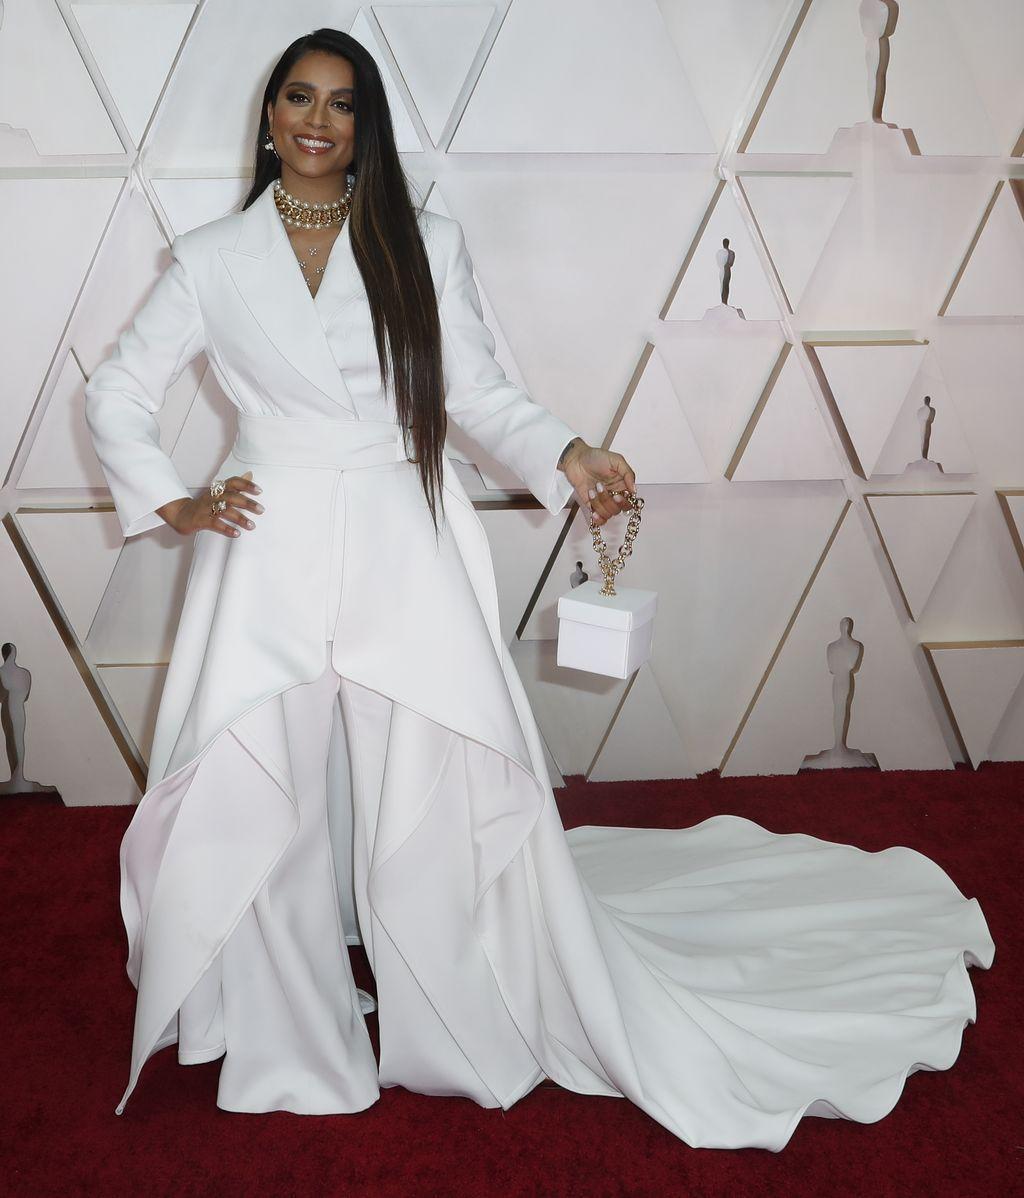 Lilly Singh posa en la alfombra roja de los Premios Óscar 2020